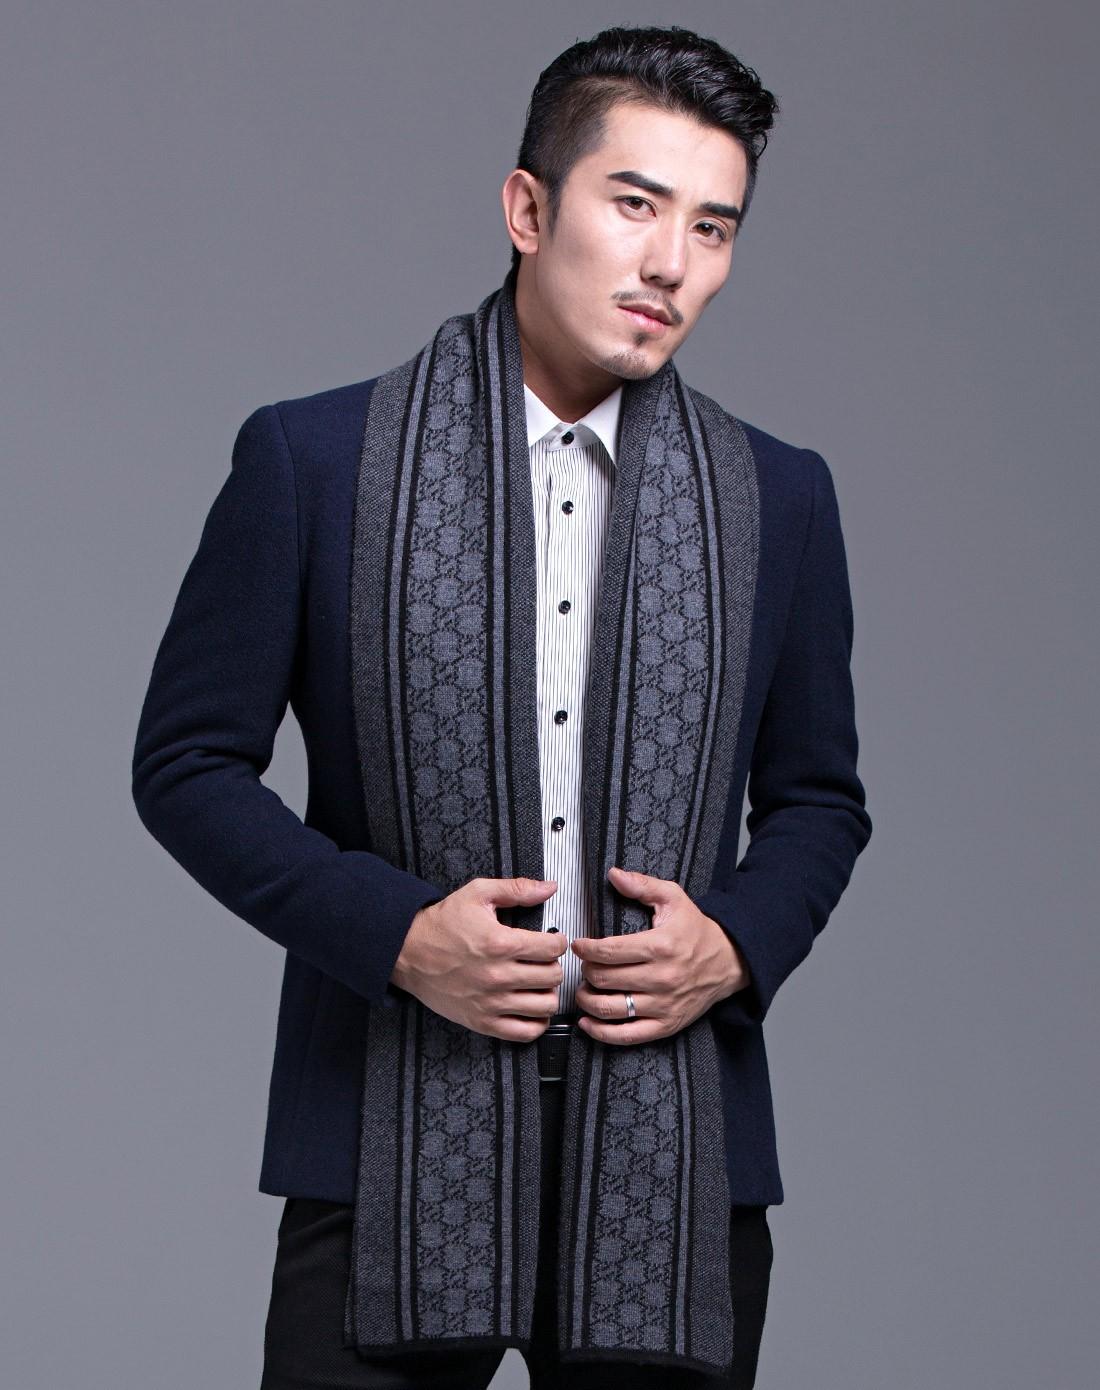 织布人围巾专场羊绒针织温文尔雅男士围巾1167060041